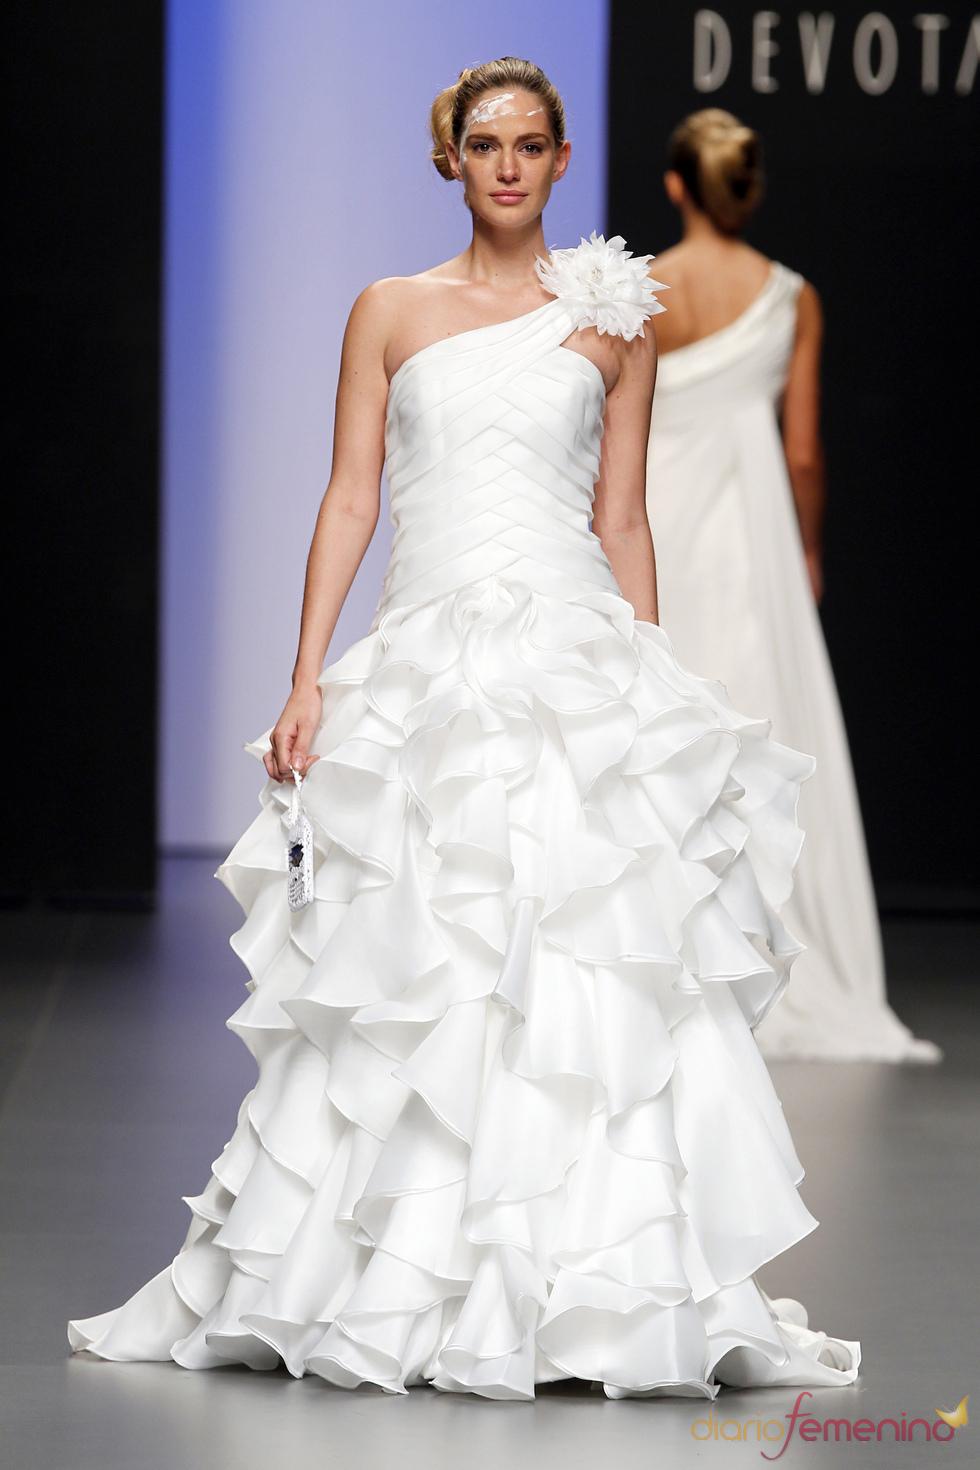 Vestido de novia con volumen, de Devota&Lomba